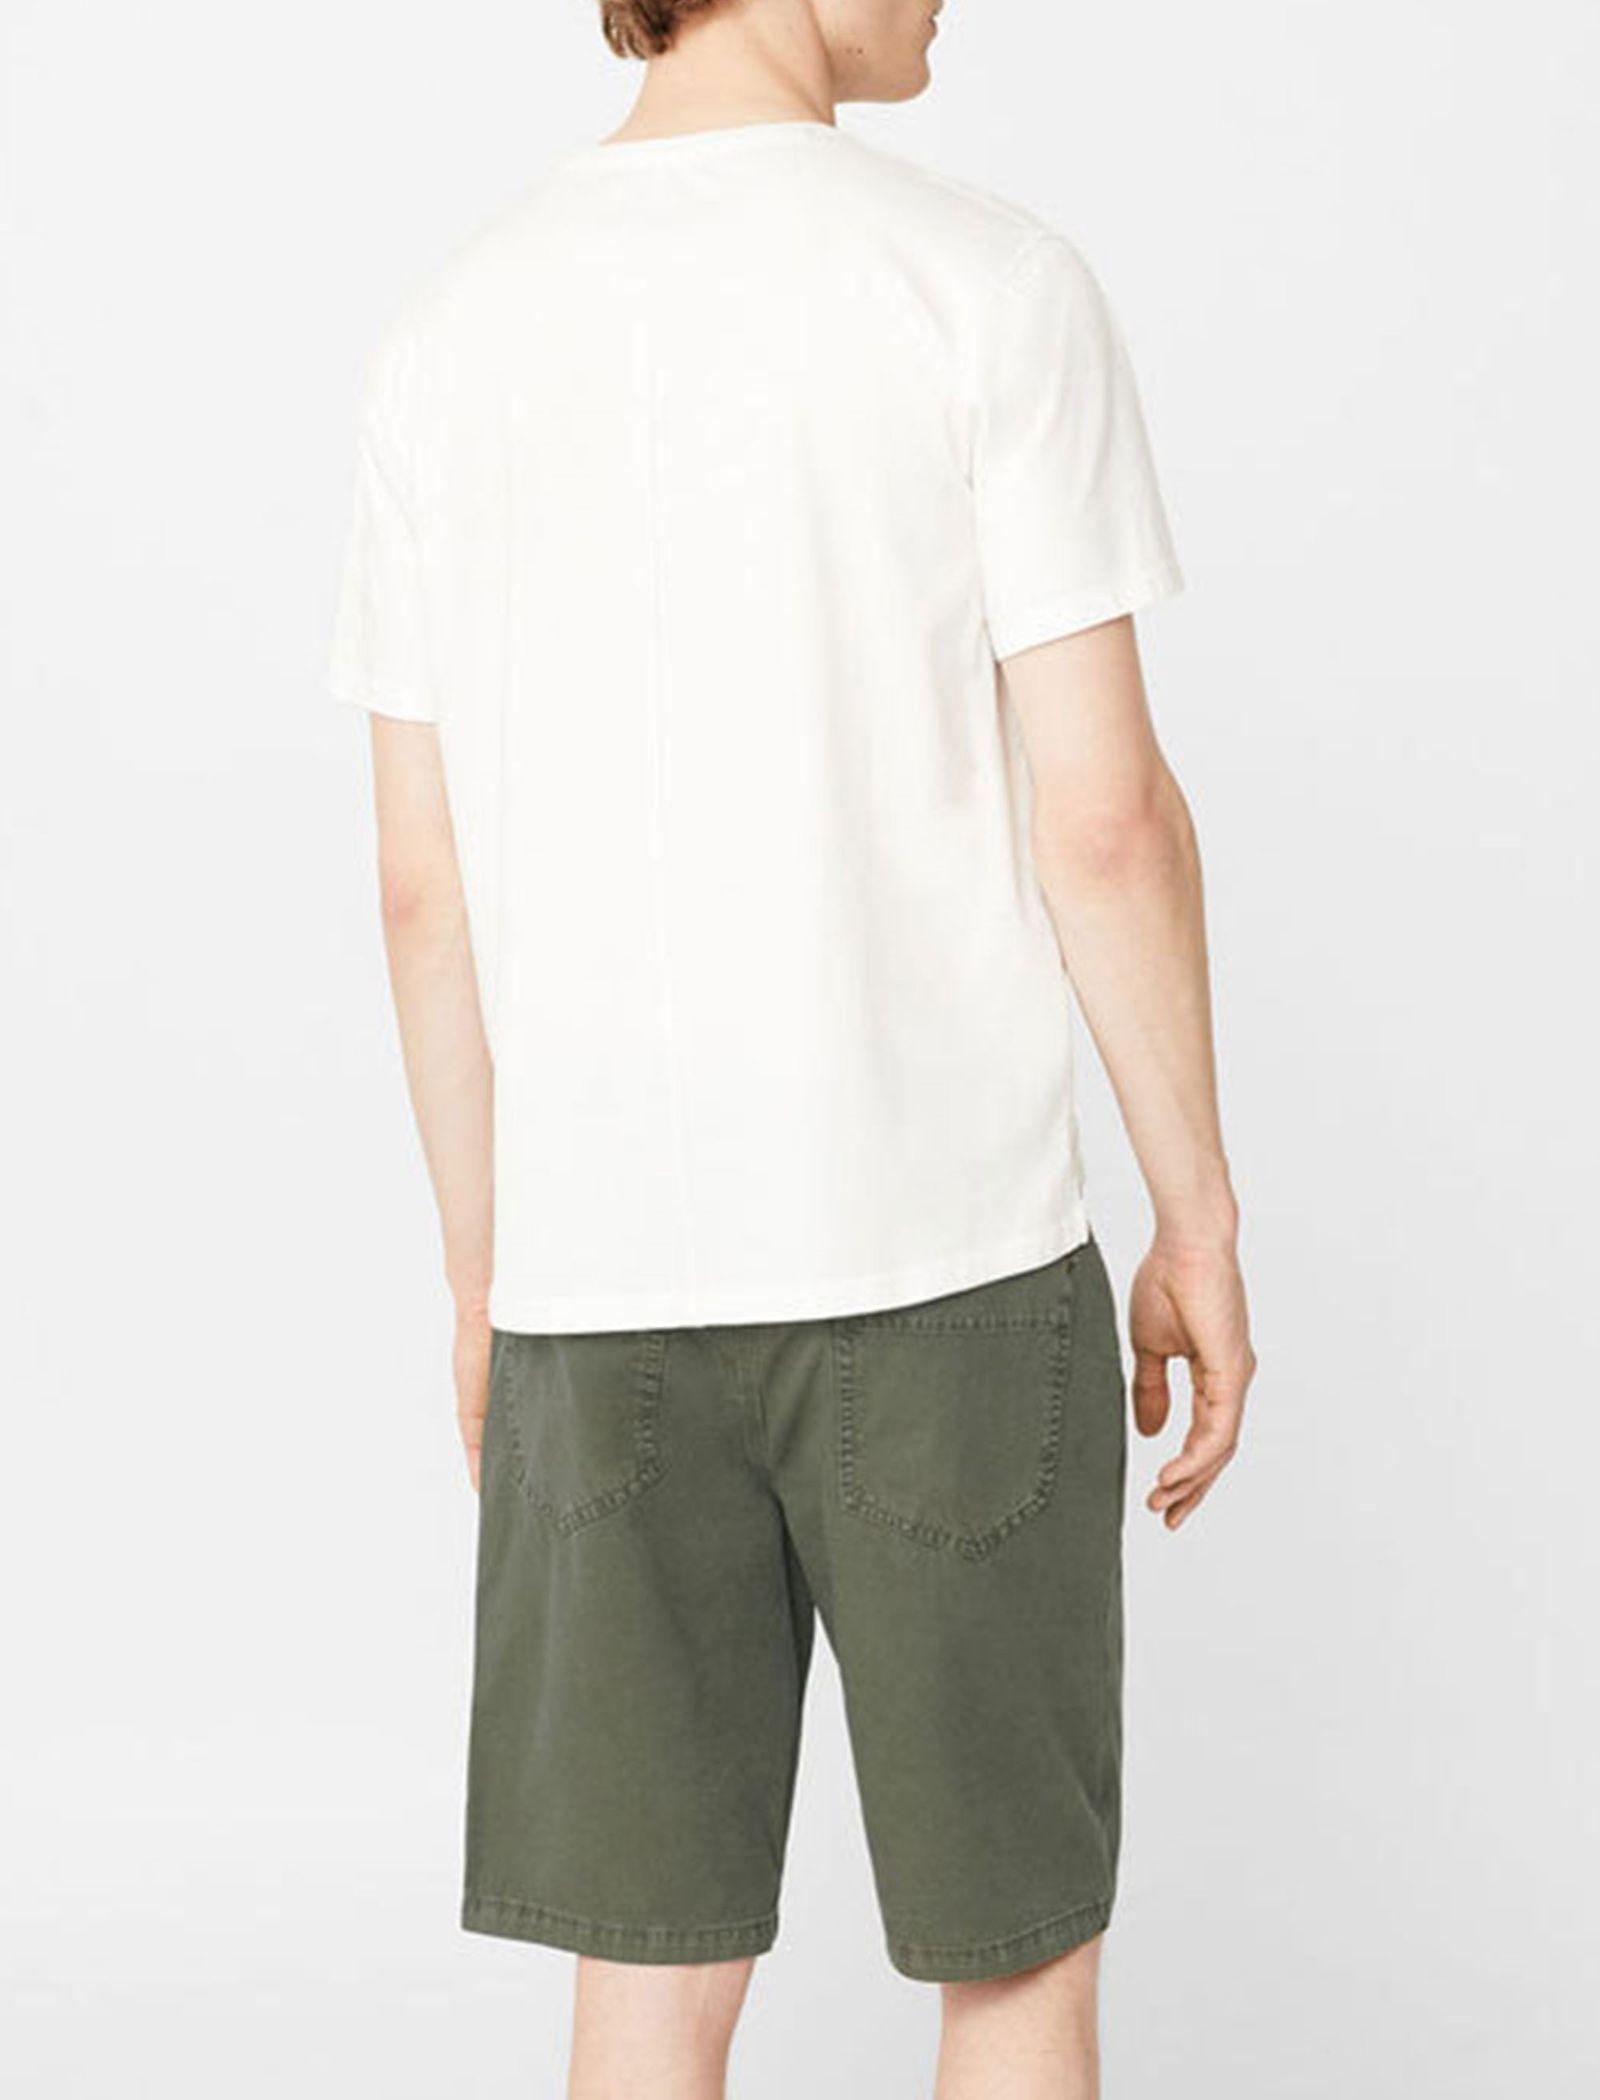 شلوارک کتان راسته مردانه - مانگو - سبز ارتشي - 3